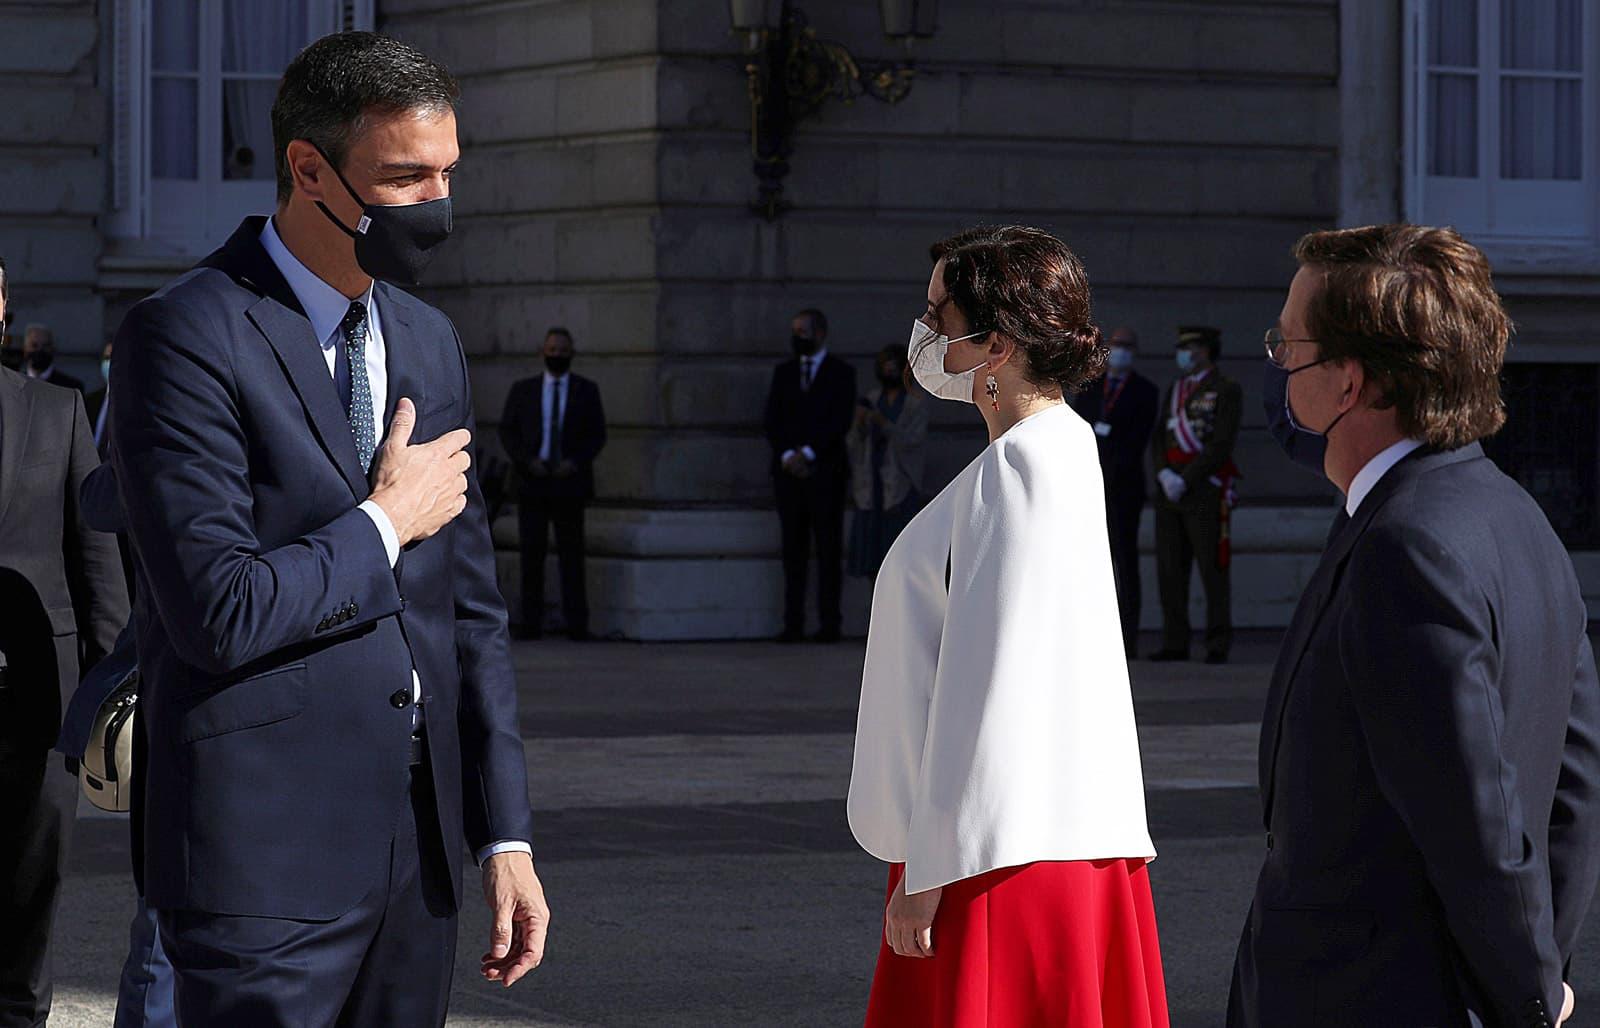 Pedro Sánchez saluda a Isabel Díaz Ayuso en presència de José Luis Rodríguez Almeida, el 12 d'octubre del 2020. Fotografia de Kiko Huesca. Efe.